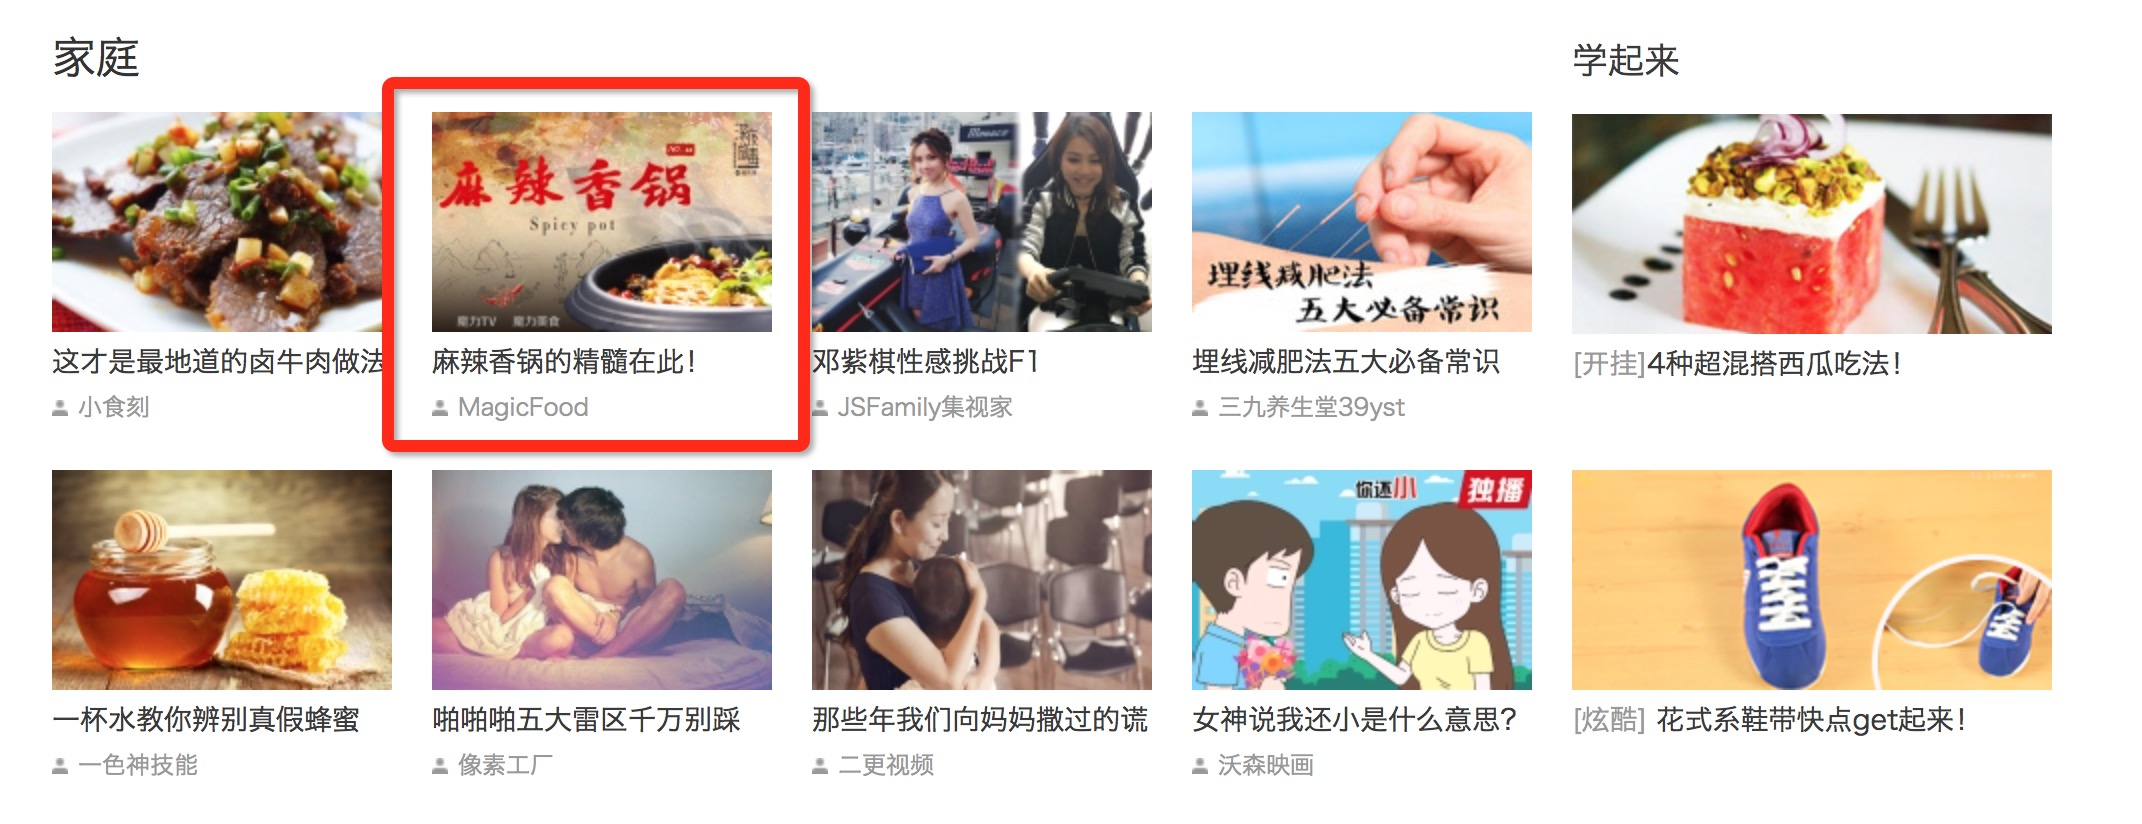 搜狐生频道家庭